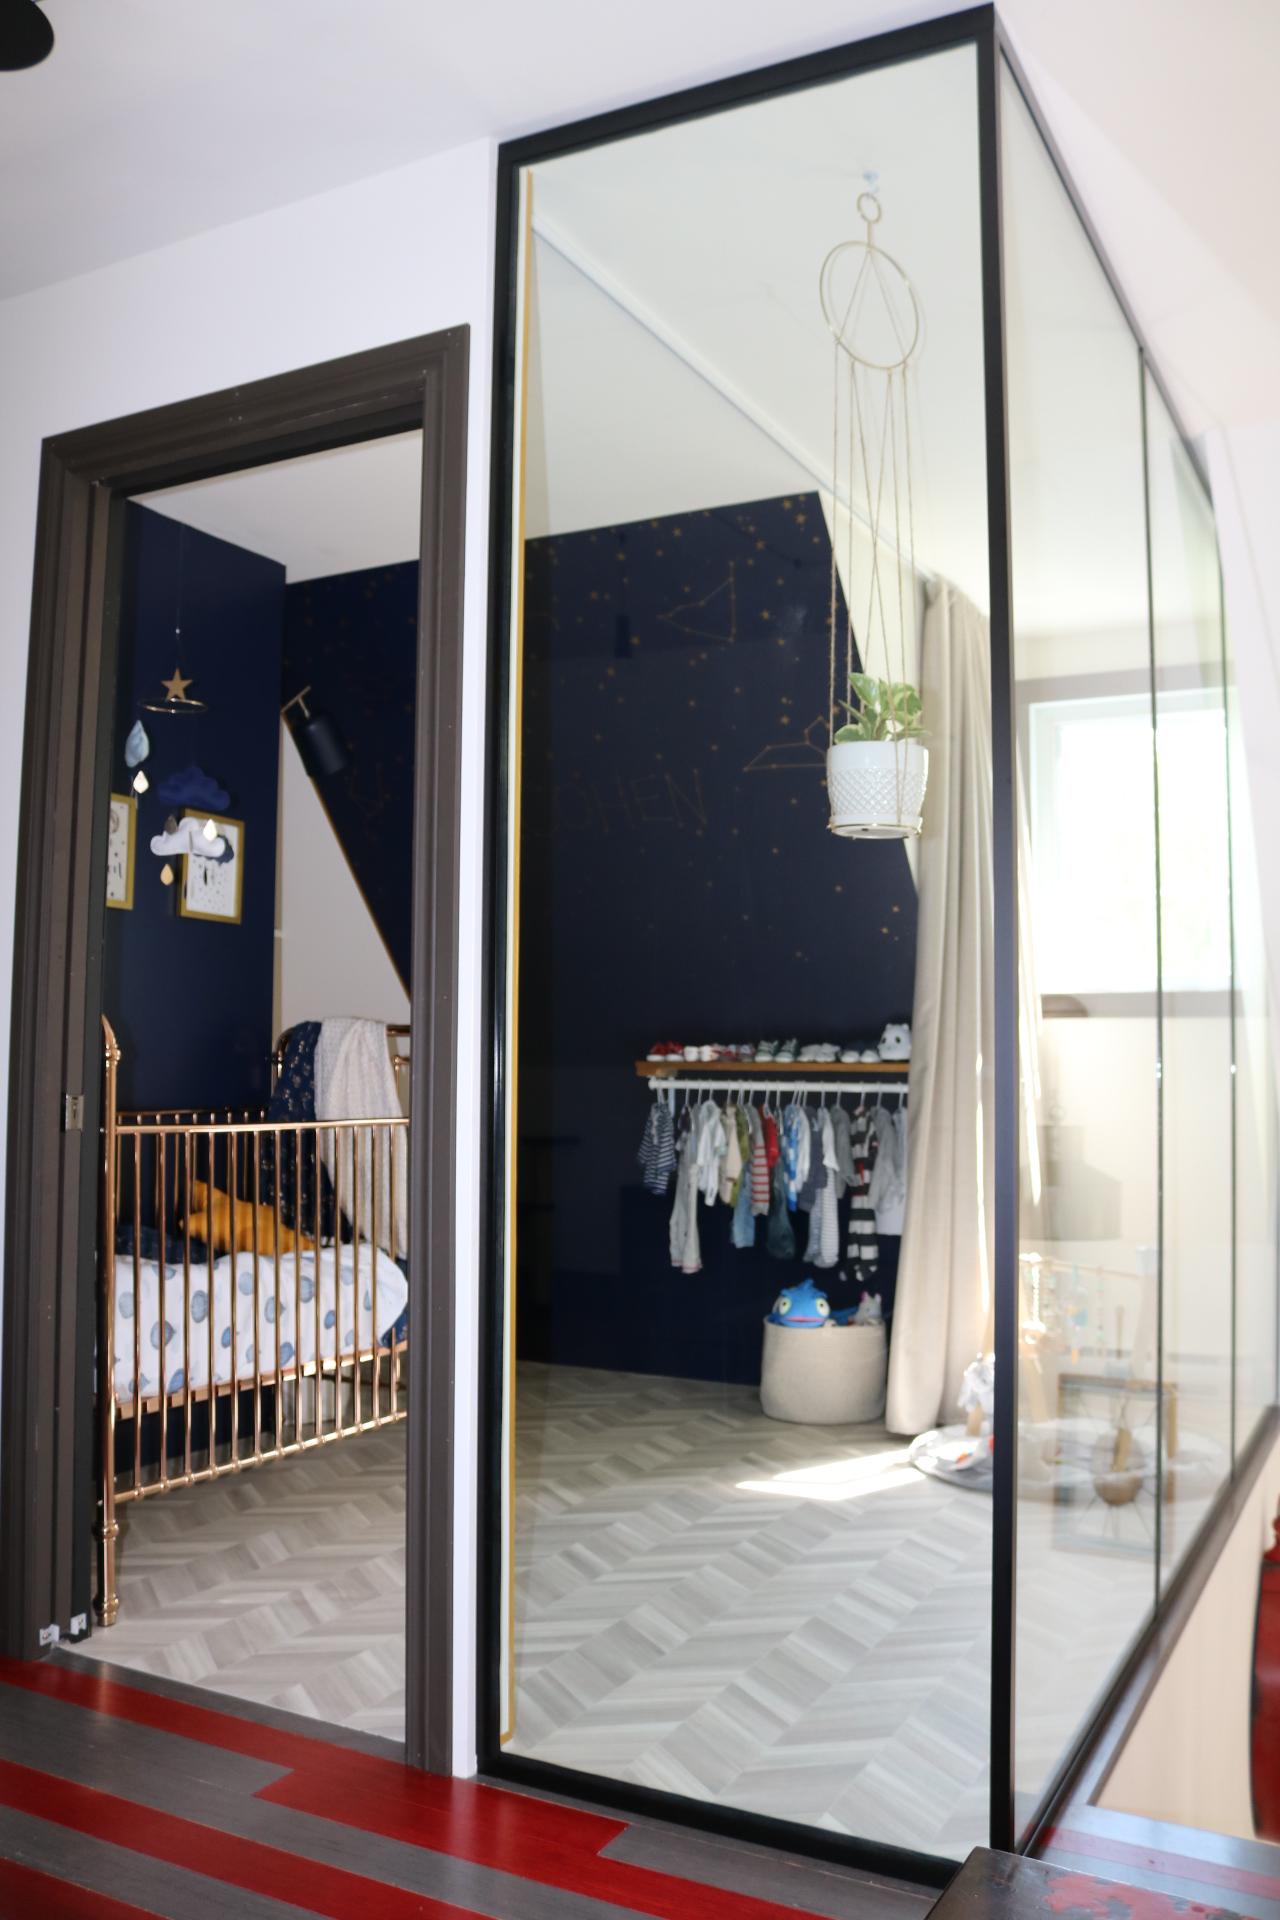 Réalisation design d'intérieur résidentielle La nocturne chambre bébé vitre ETC 2019